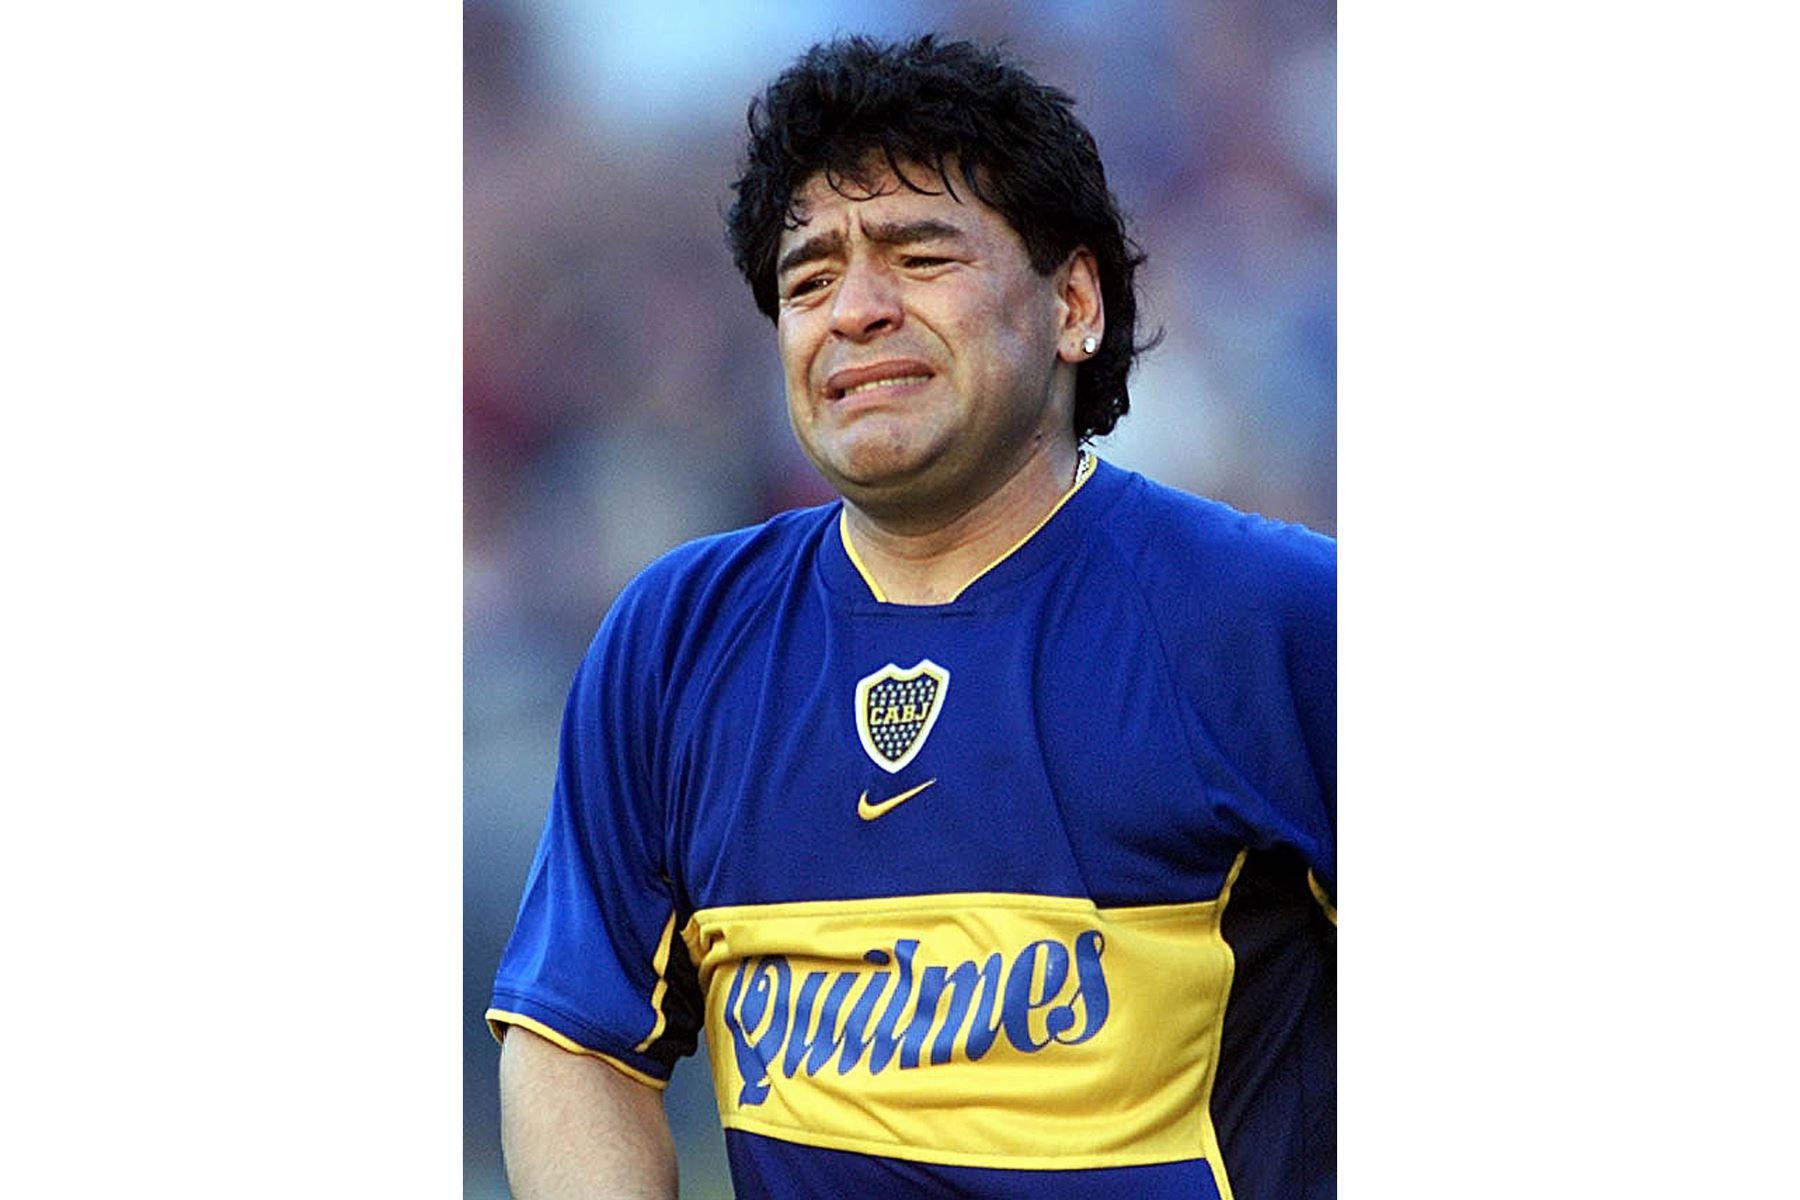 """En esta foto de archivo tomada el 10 de noviembre de 2001, la estrella del fútbol argentino Diego Maradona se siente abrumado por la emoción durante un evento en su honor en el estadio """"La Bombonera"""". Foto: AFP"""